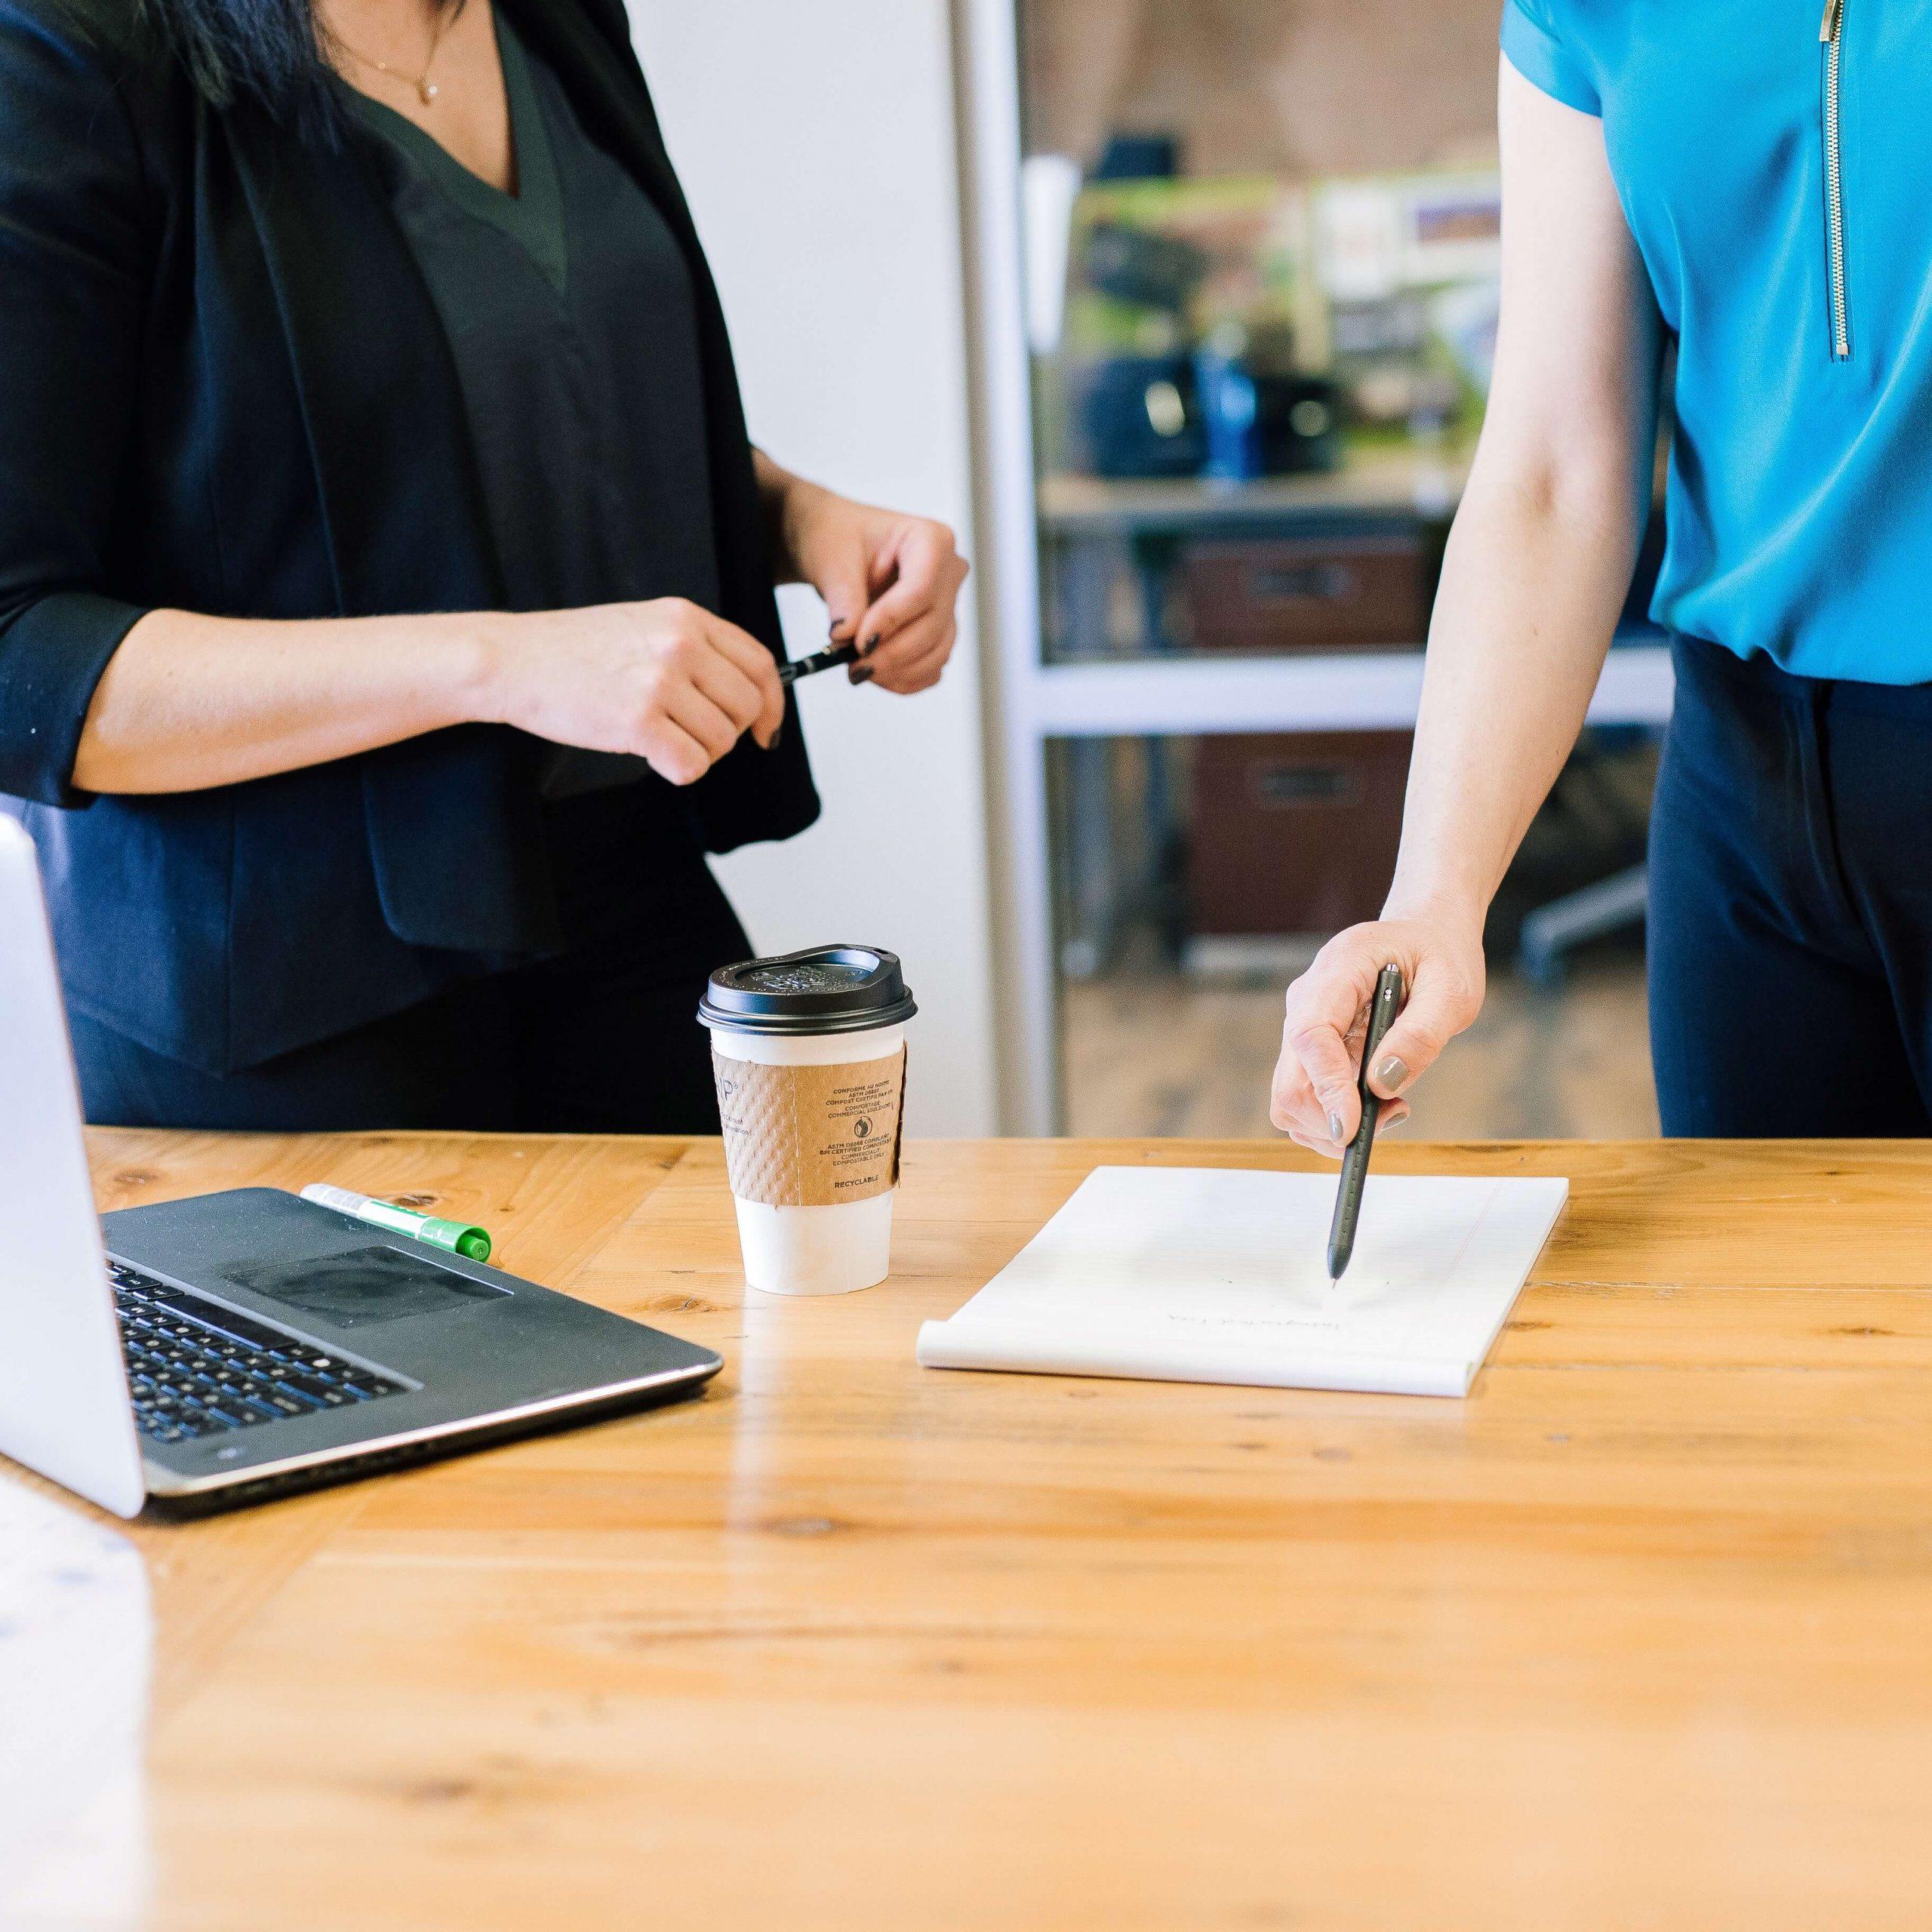 Anforderungen an steuerliche Anerkennung eines geringfügigen Ehegattenarbeitsverhält.